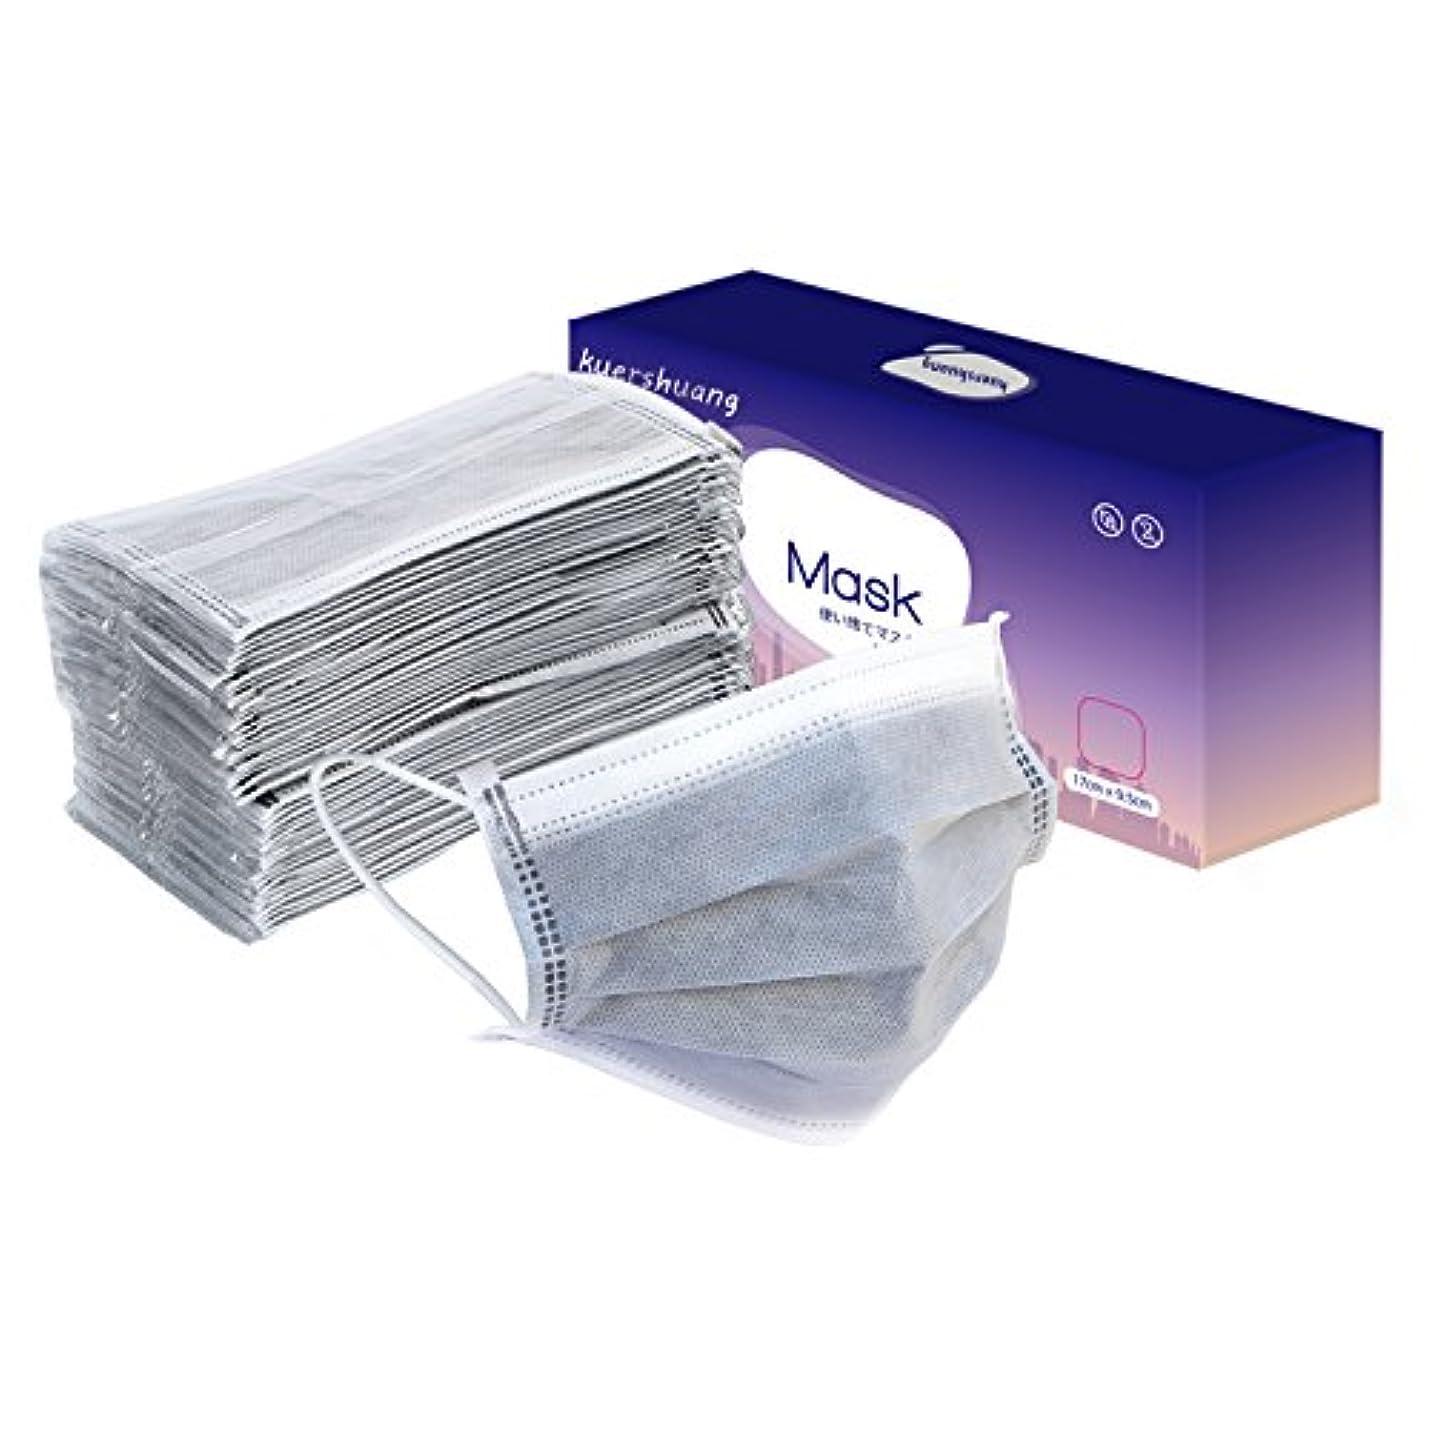 クッションお別れ非武装化Kuershuang マスク PM2.5対応 レギュラーサイズ 大人用 個別包装マスク 30枚入 グレー